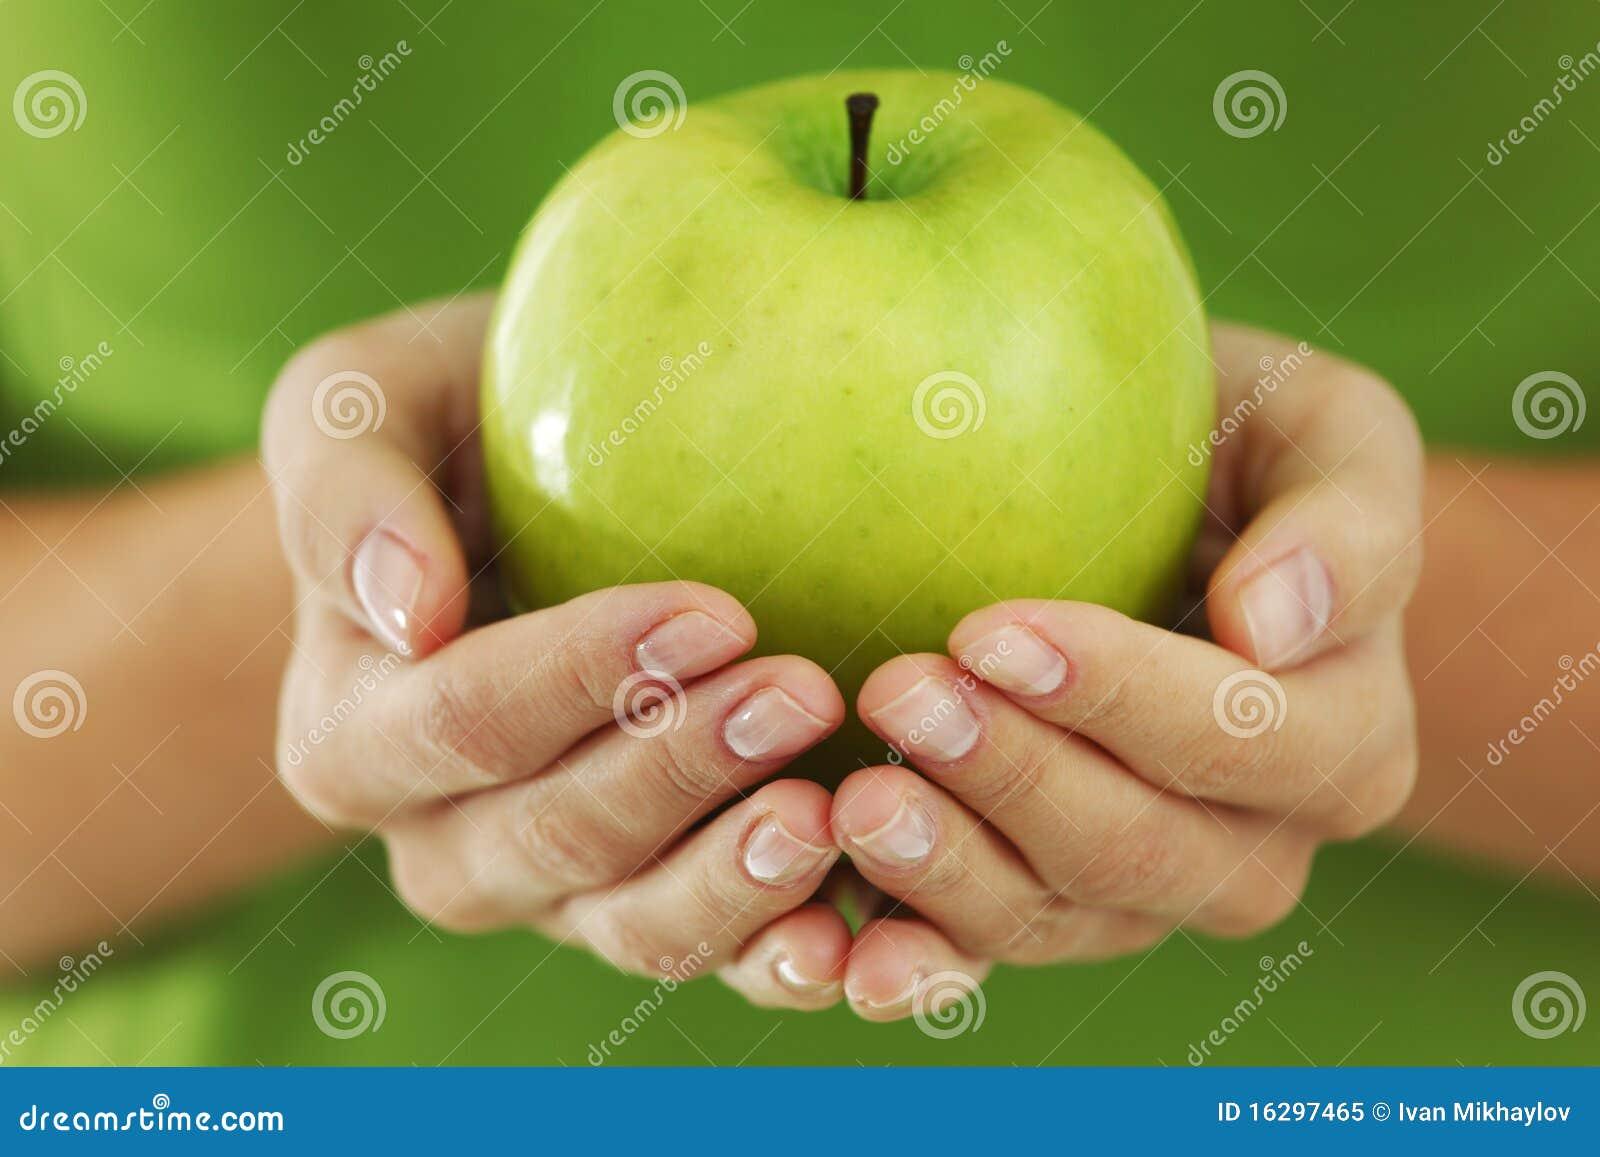 яблоко вручает женщину